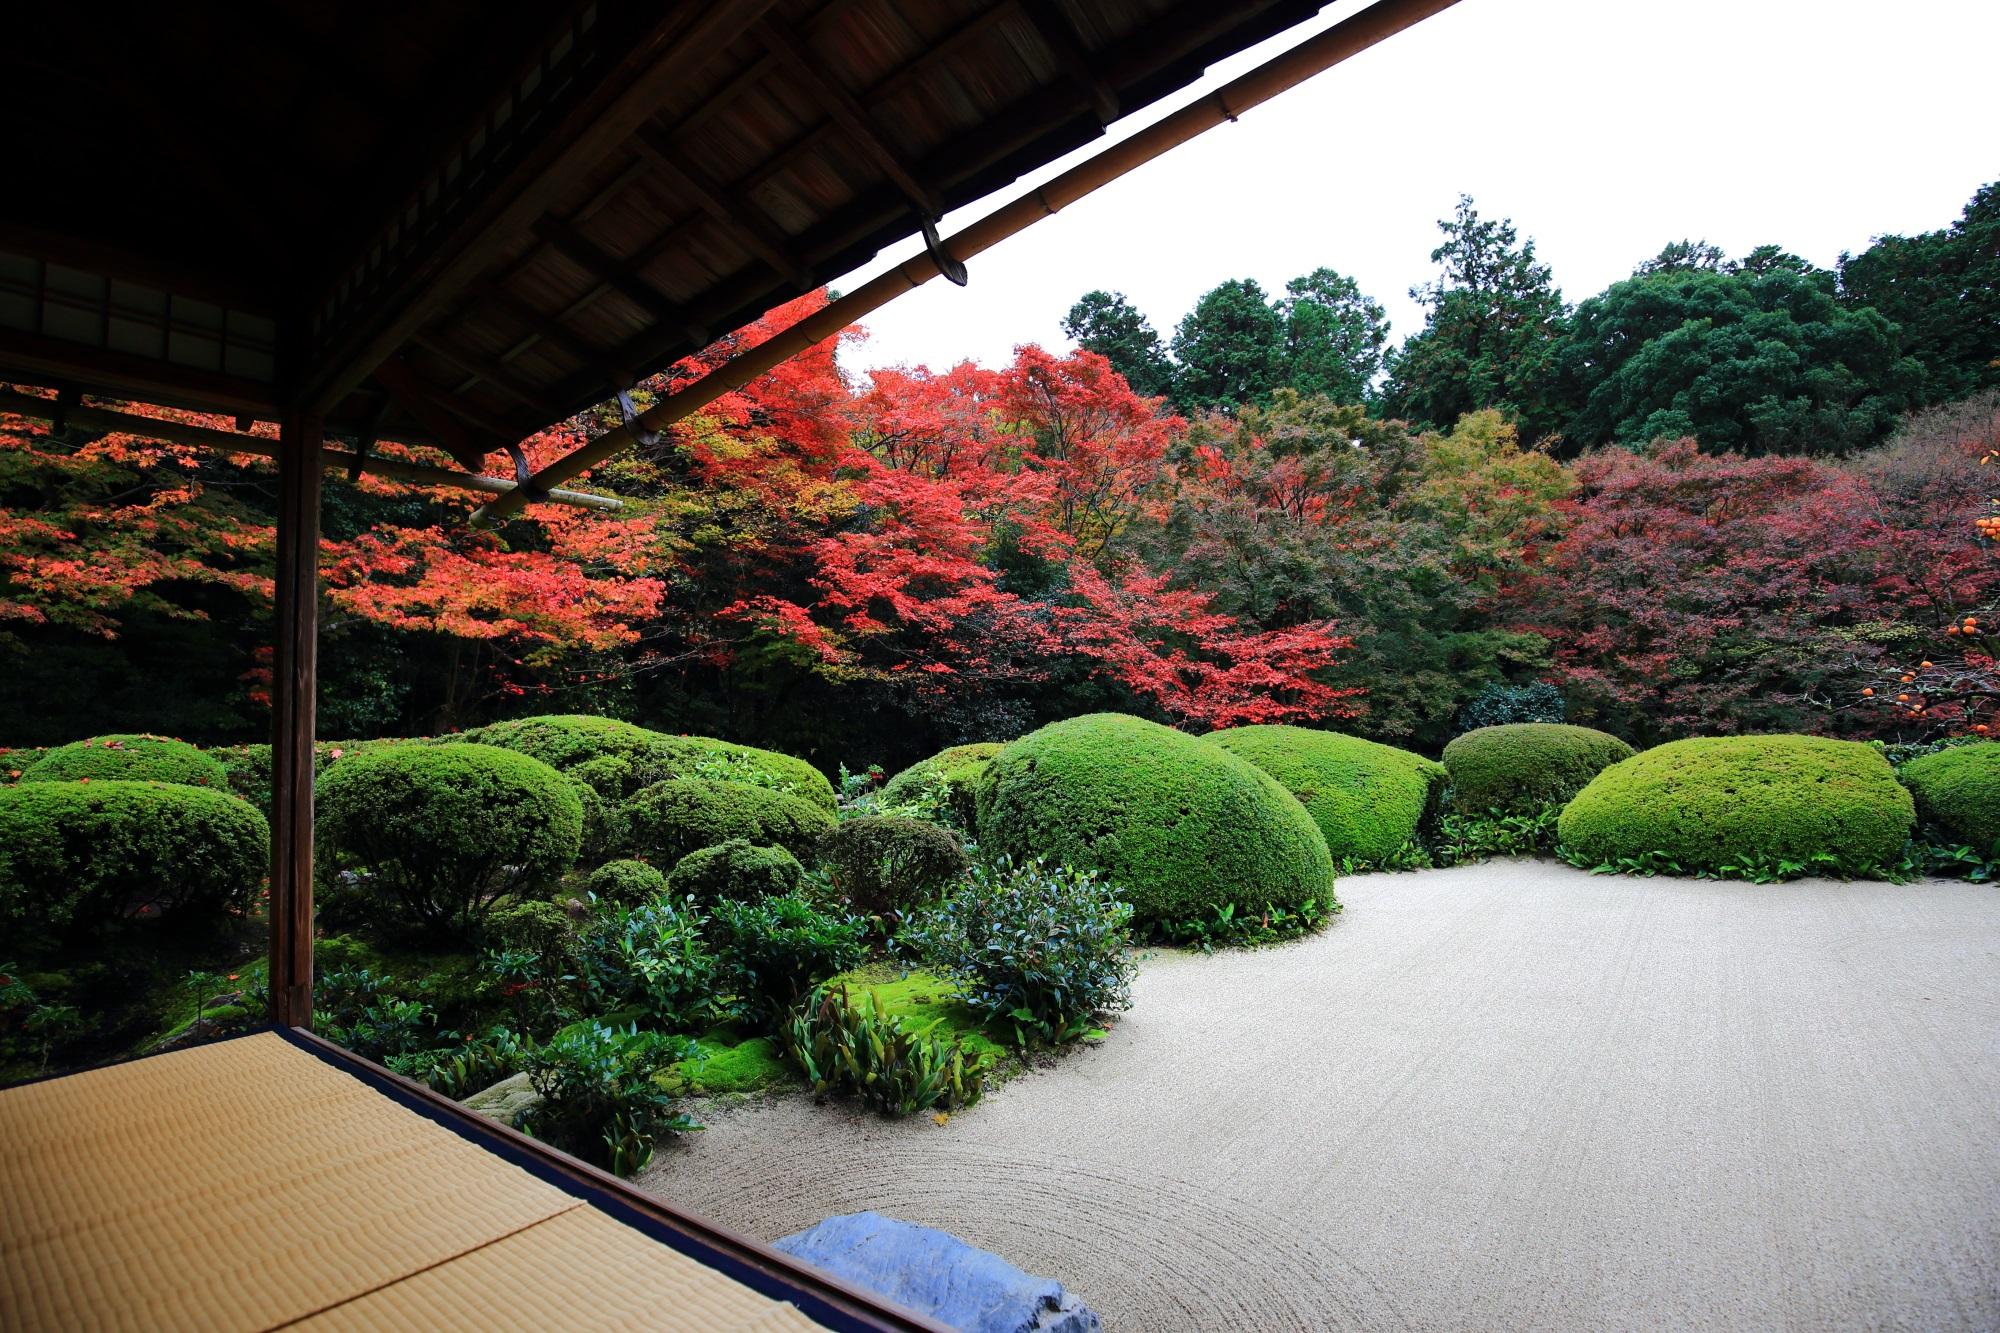 詩仙堂の色とりどりの紅葉